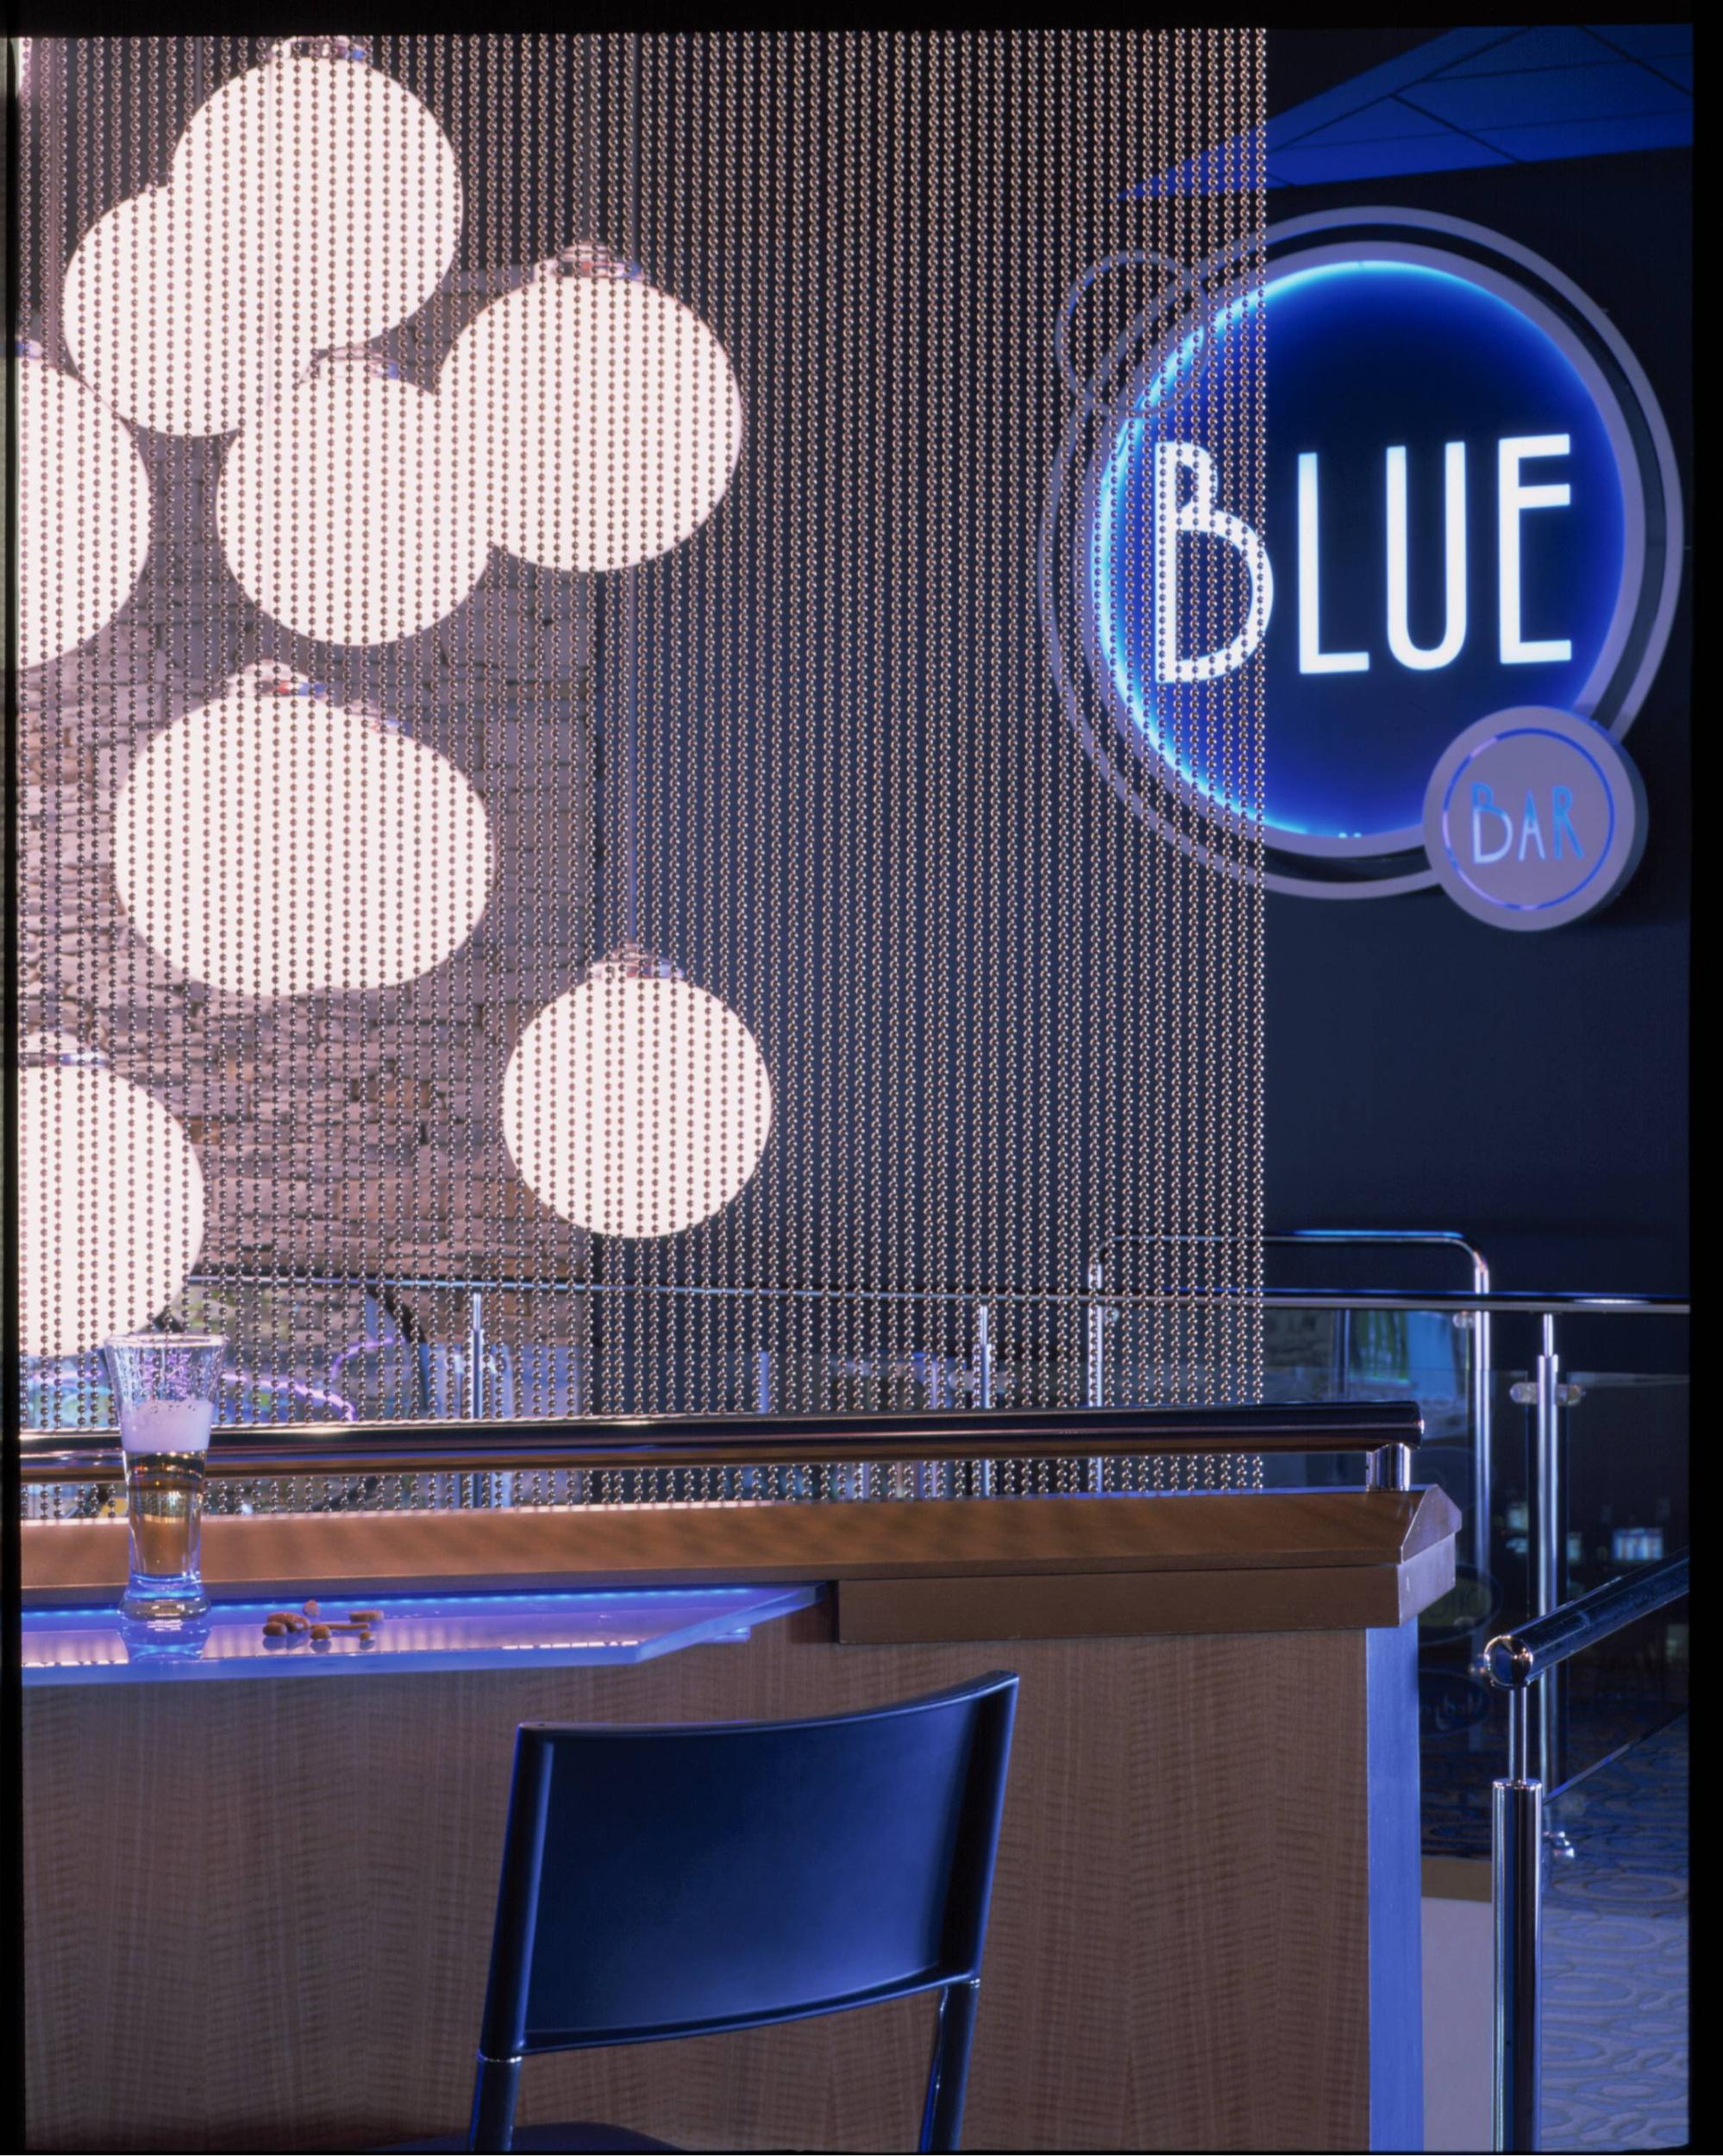 Blue, Indio CA